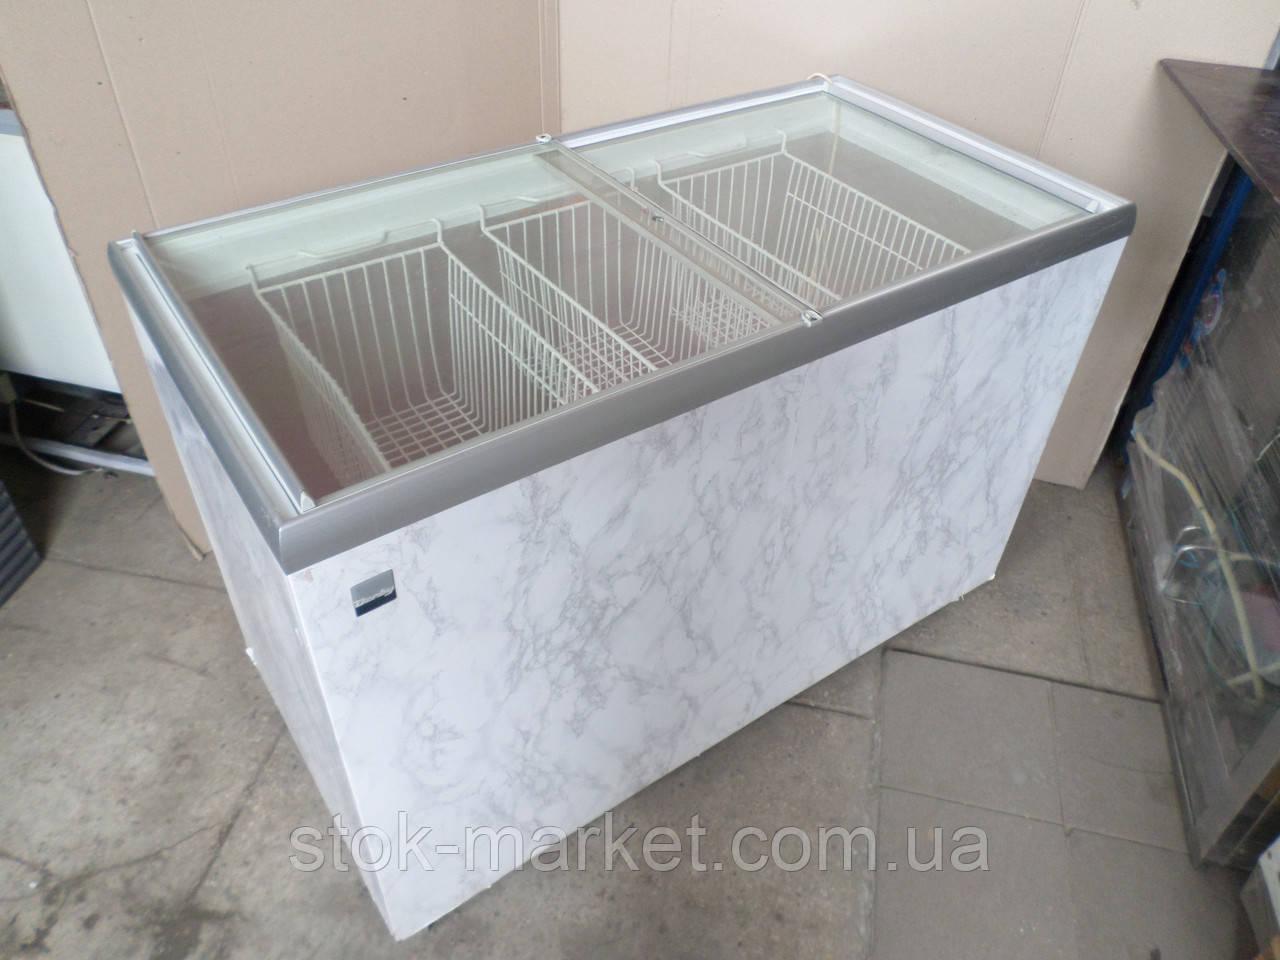 Ларь морозильный Derby DK 9620 380 л. б/у, ларь купить бу, купить ларь б/у